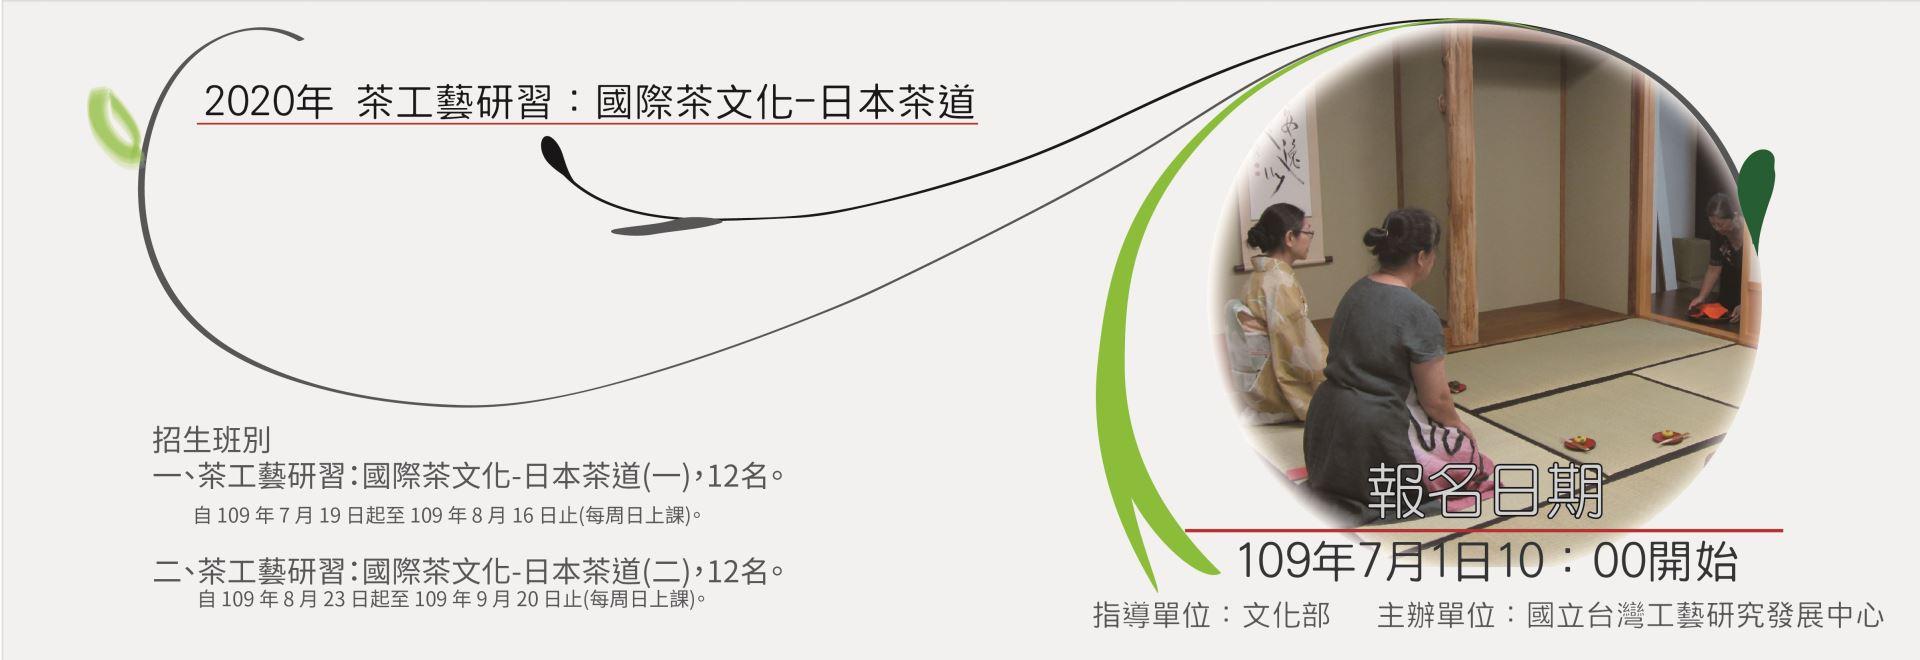 2020年茶工藝研習:國際茶文化-日本茶道「另開新視窗」